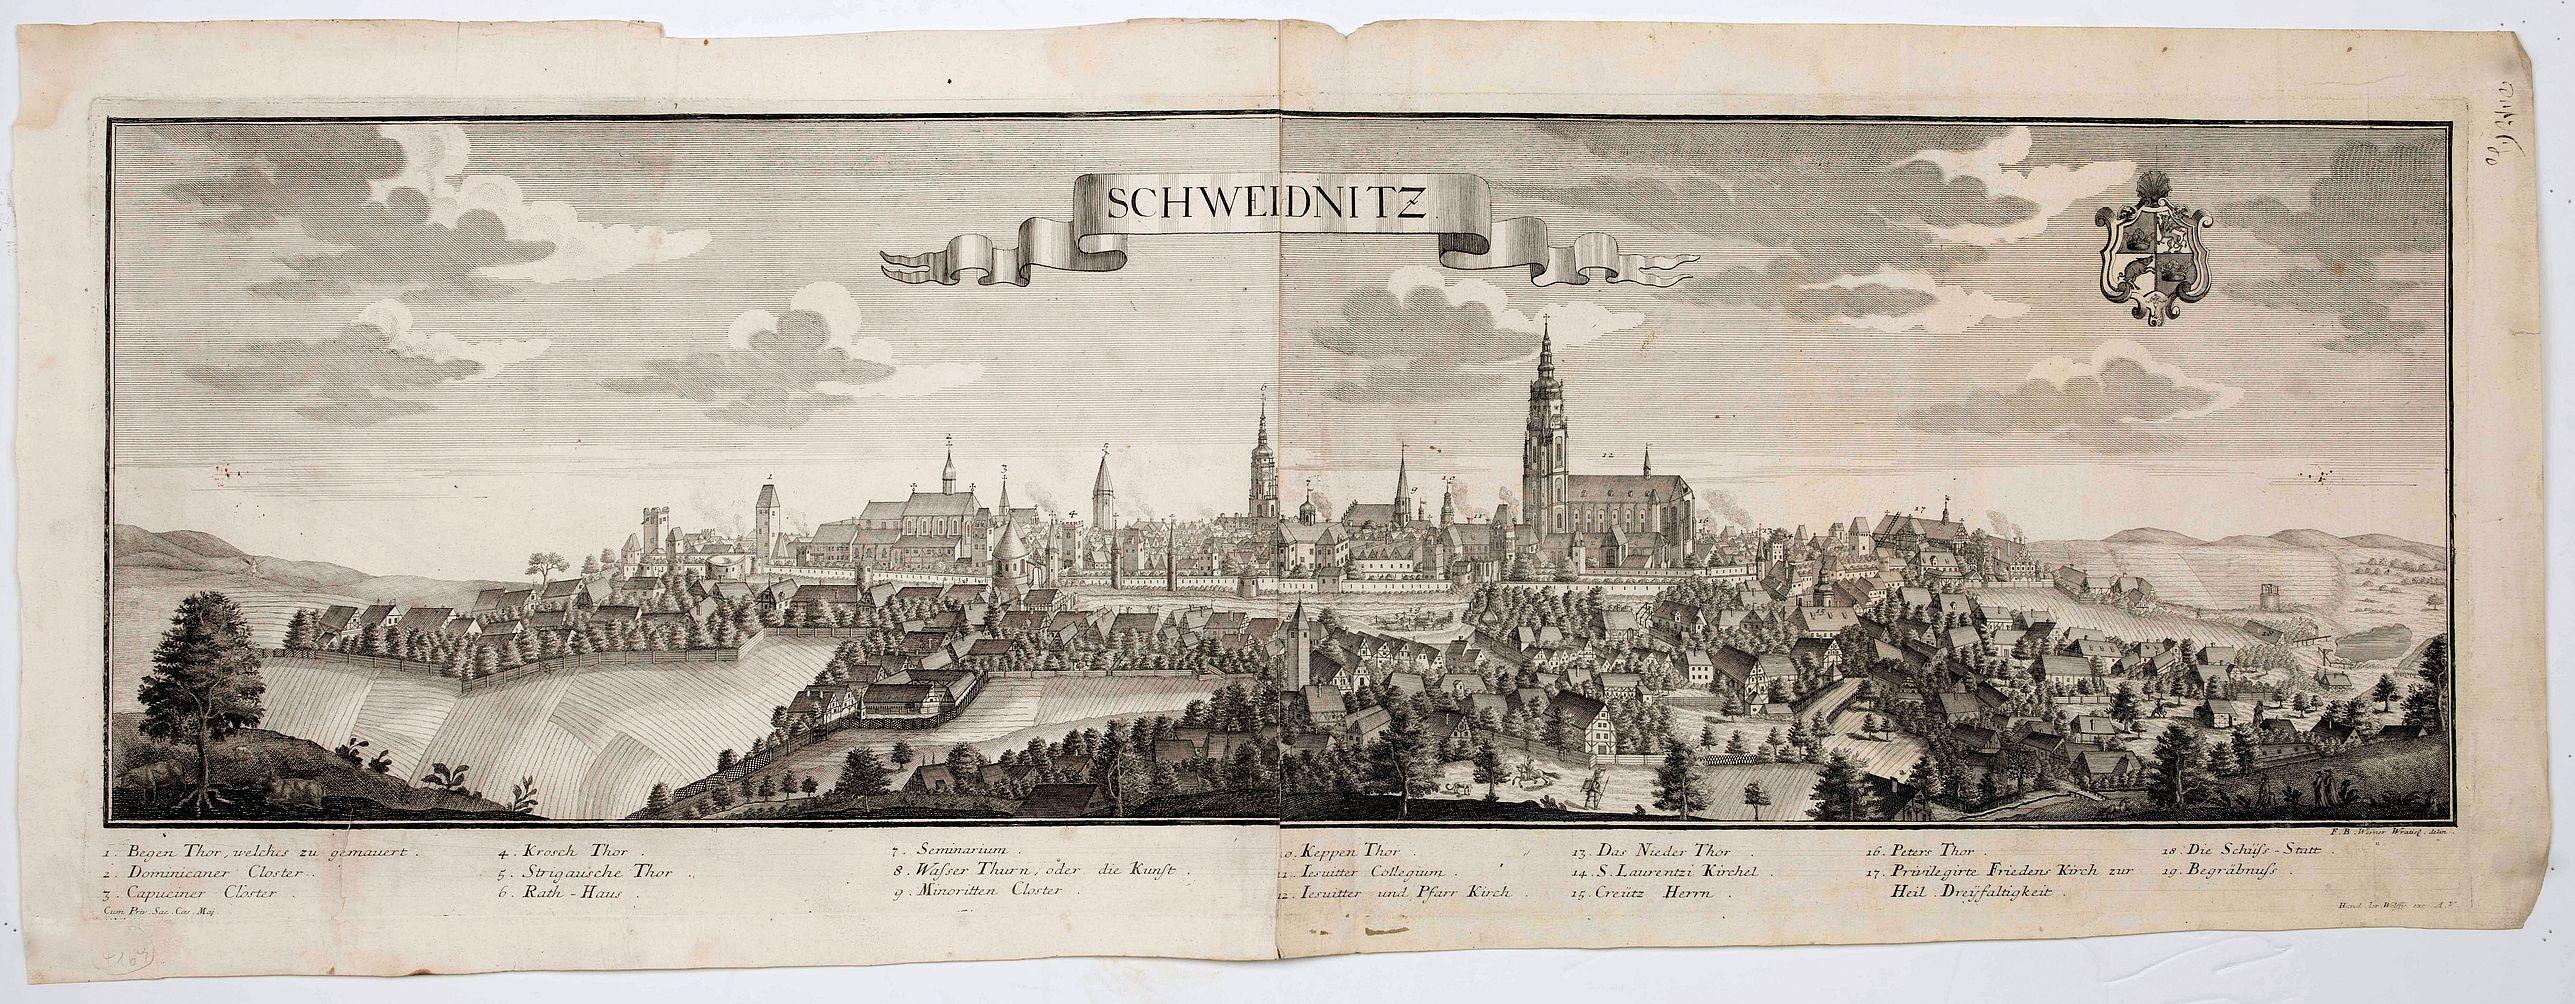 WOLFF, J. heirs / WERNER, F. B. -  Schweidnitz. (Swidnica)